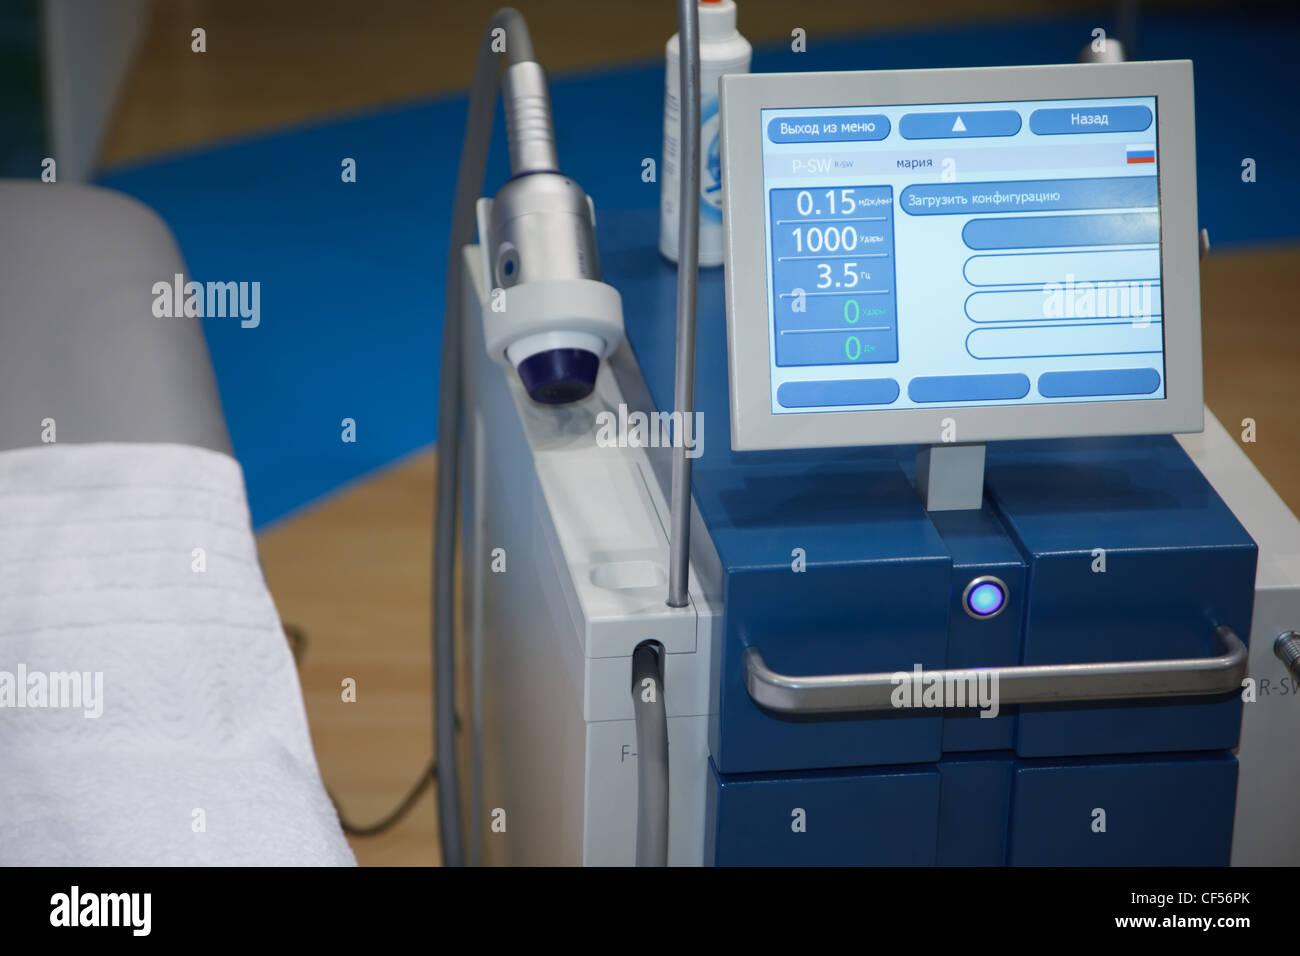 download Irrlicht 1.7 Realtime 3D Engine: